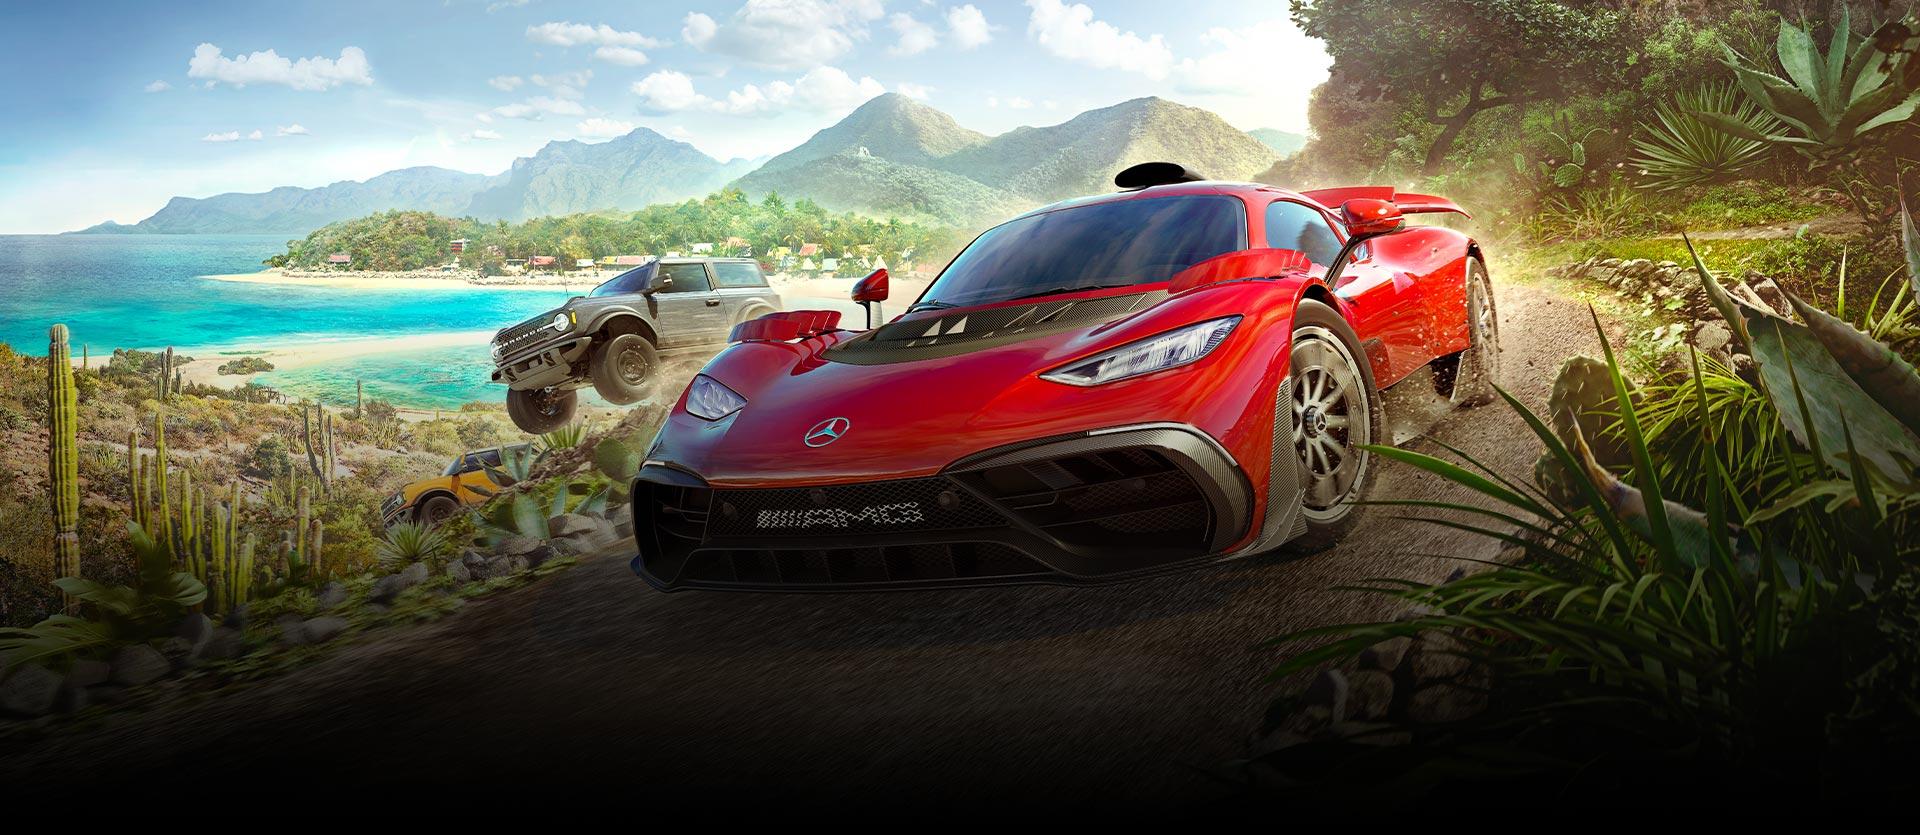 Varios autos de Forza Horizon 5 circulan rápidamente por un río rodeado de vegetación.